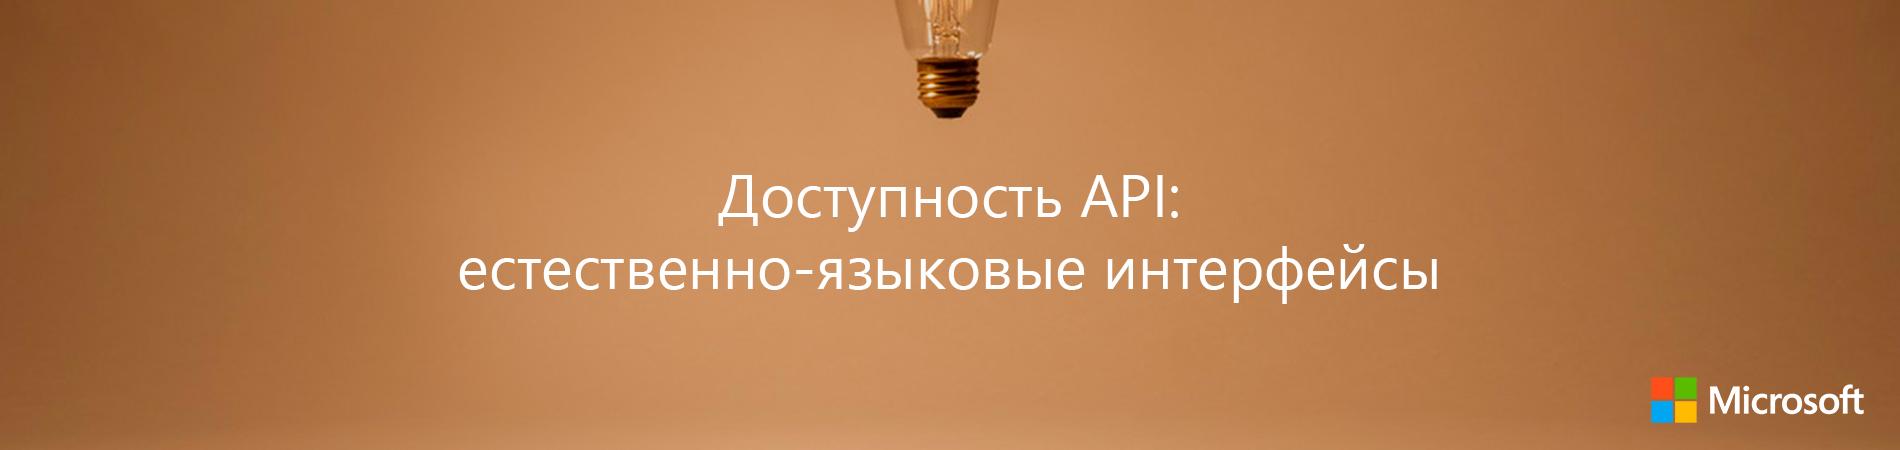 [Перевод] Доступность API: естественно-языковые интерфейсы